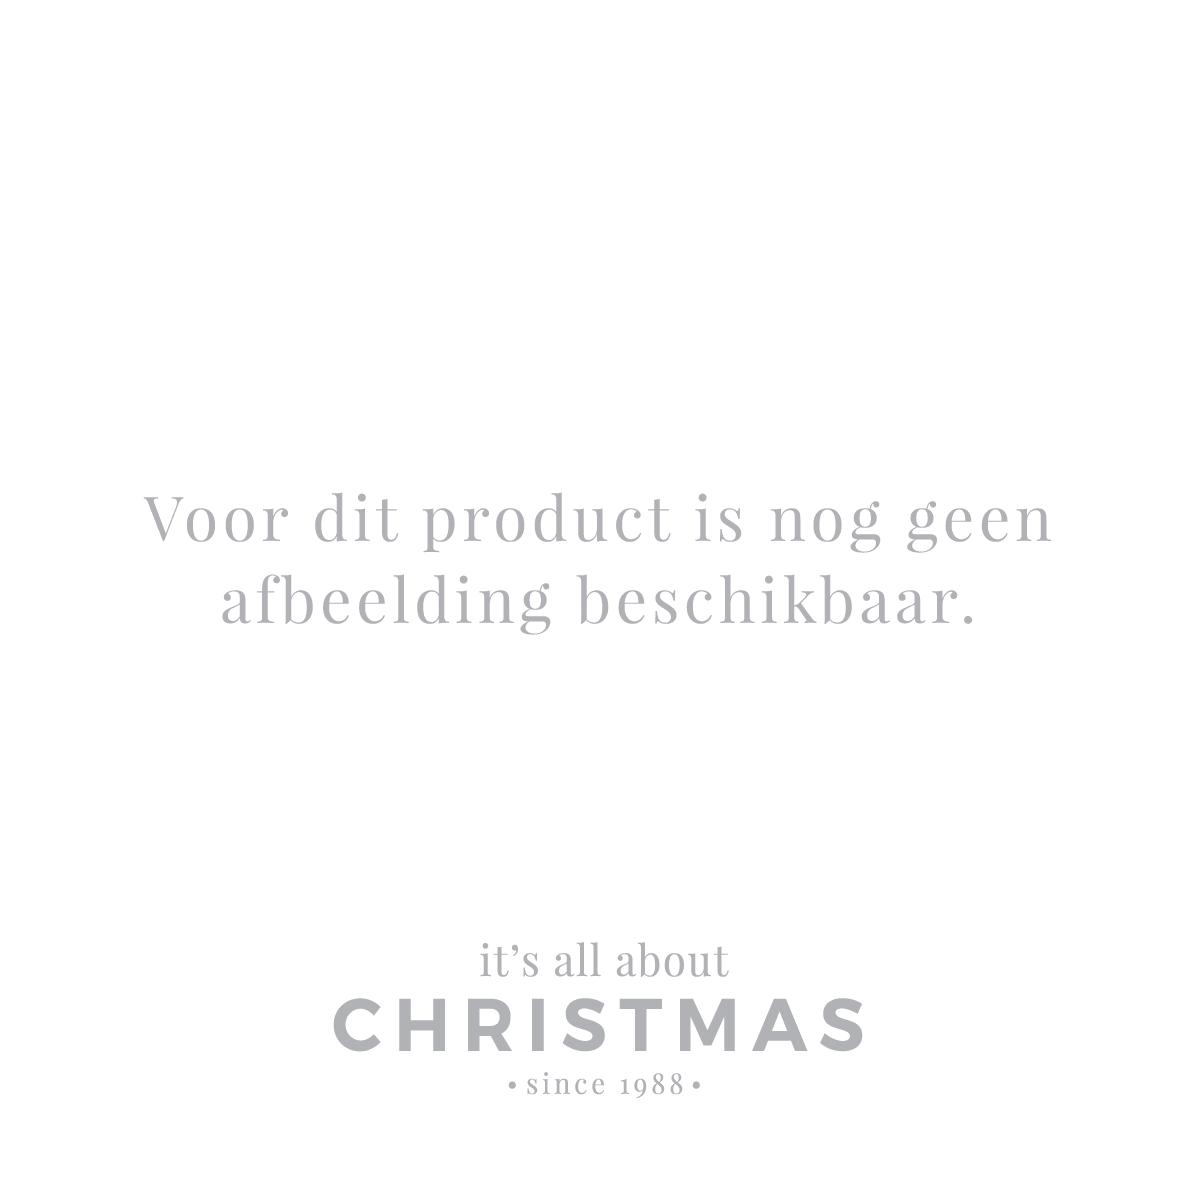 Künstlicher Weihnachtsbaum - Luxury Norwegian pine - 480 LED - 240 cm